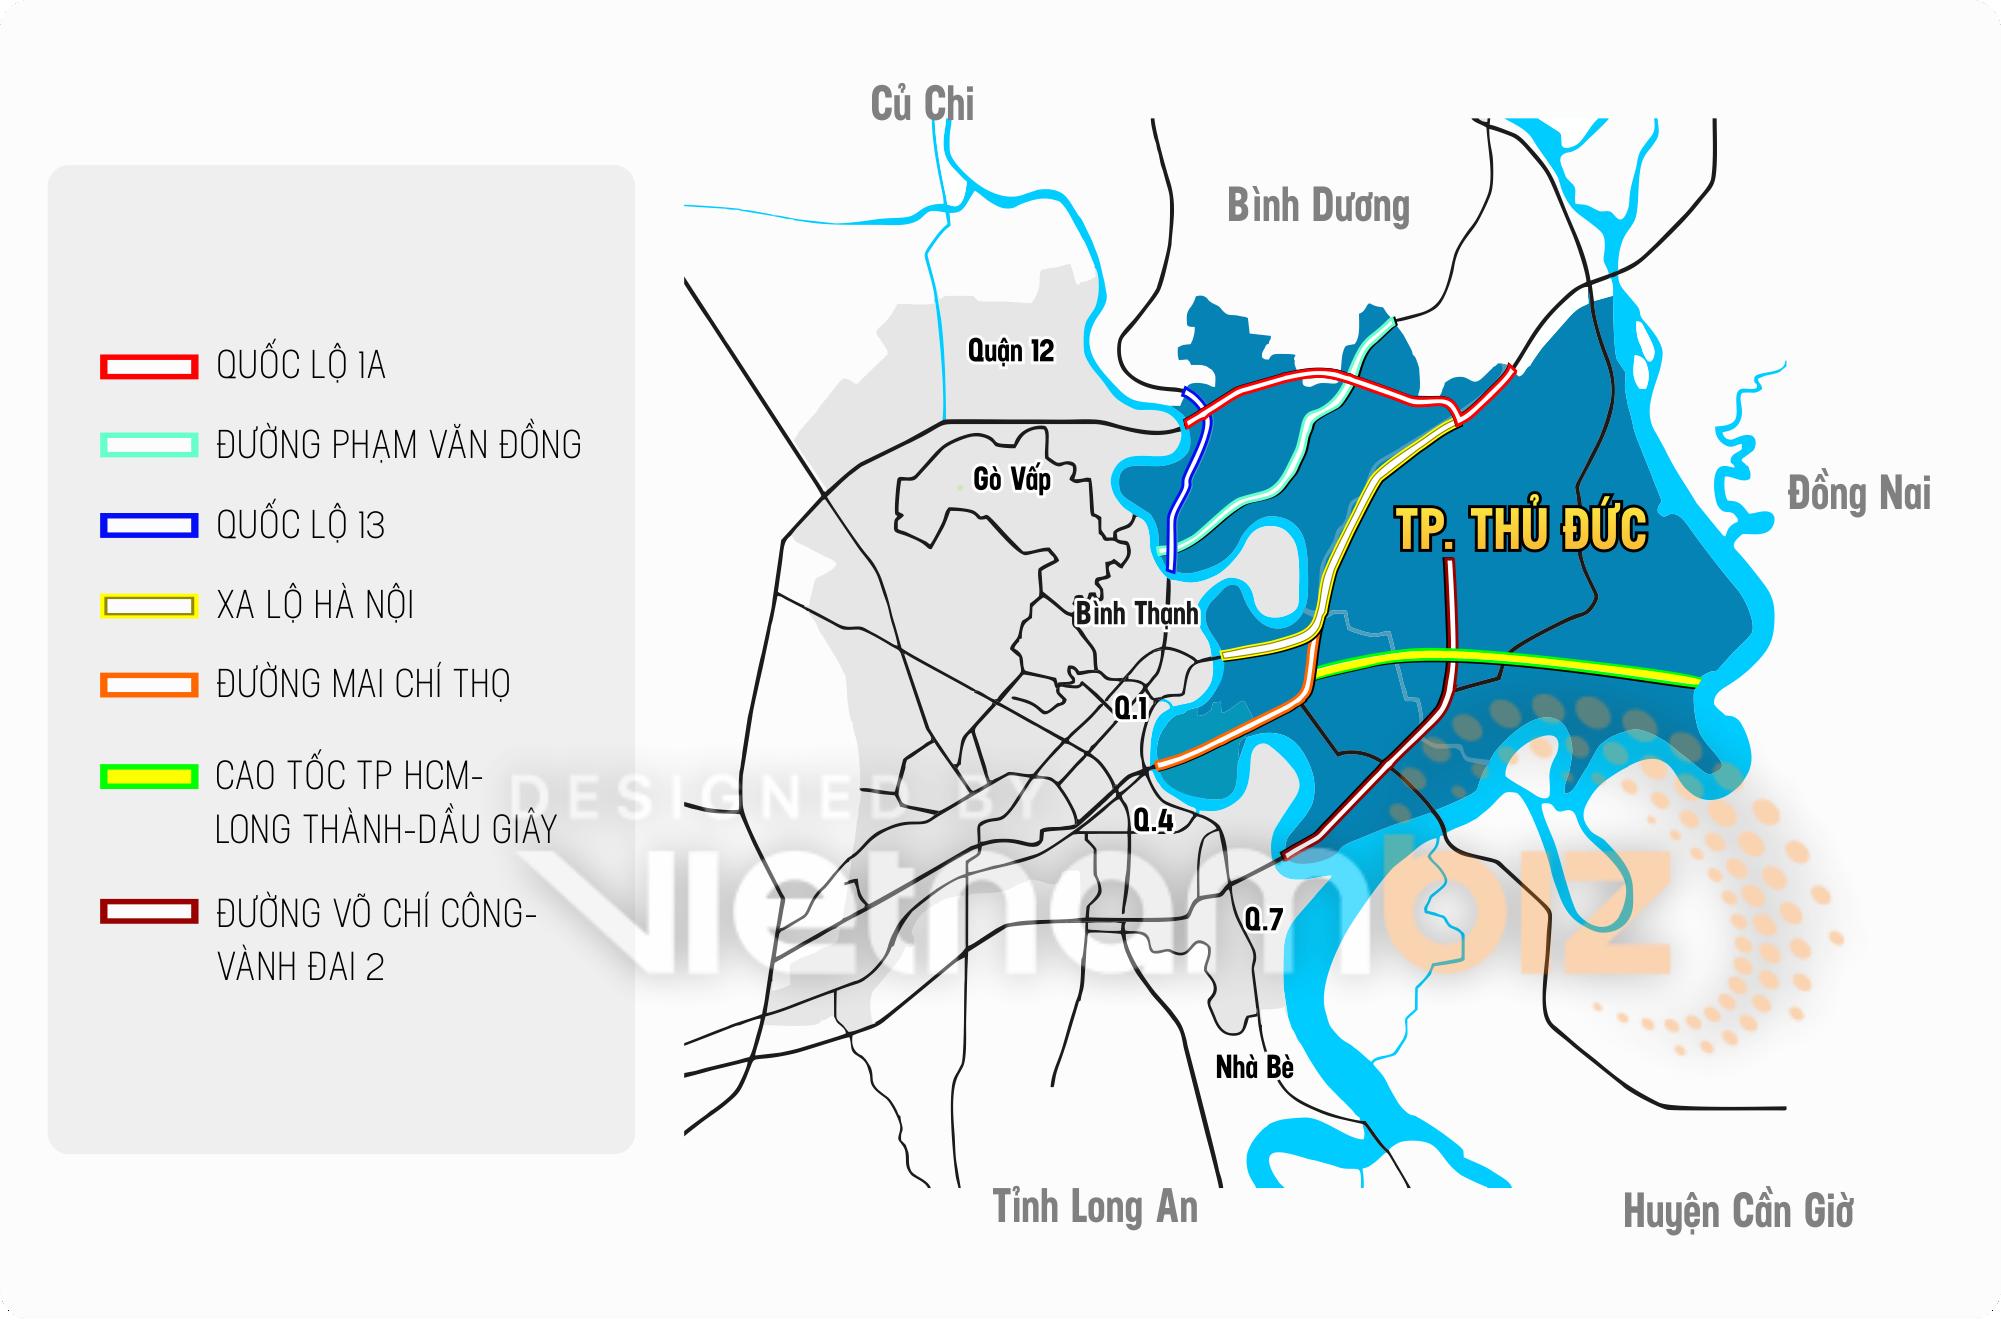 Nhìn lại những tuyến giao thông trọng điểm của TP Thủ Đức - Ảnh 1.